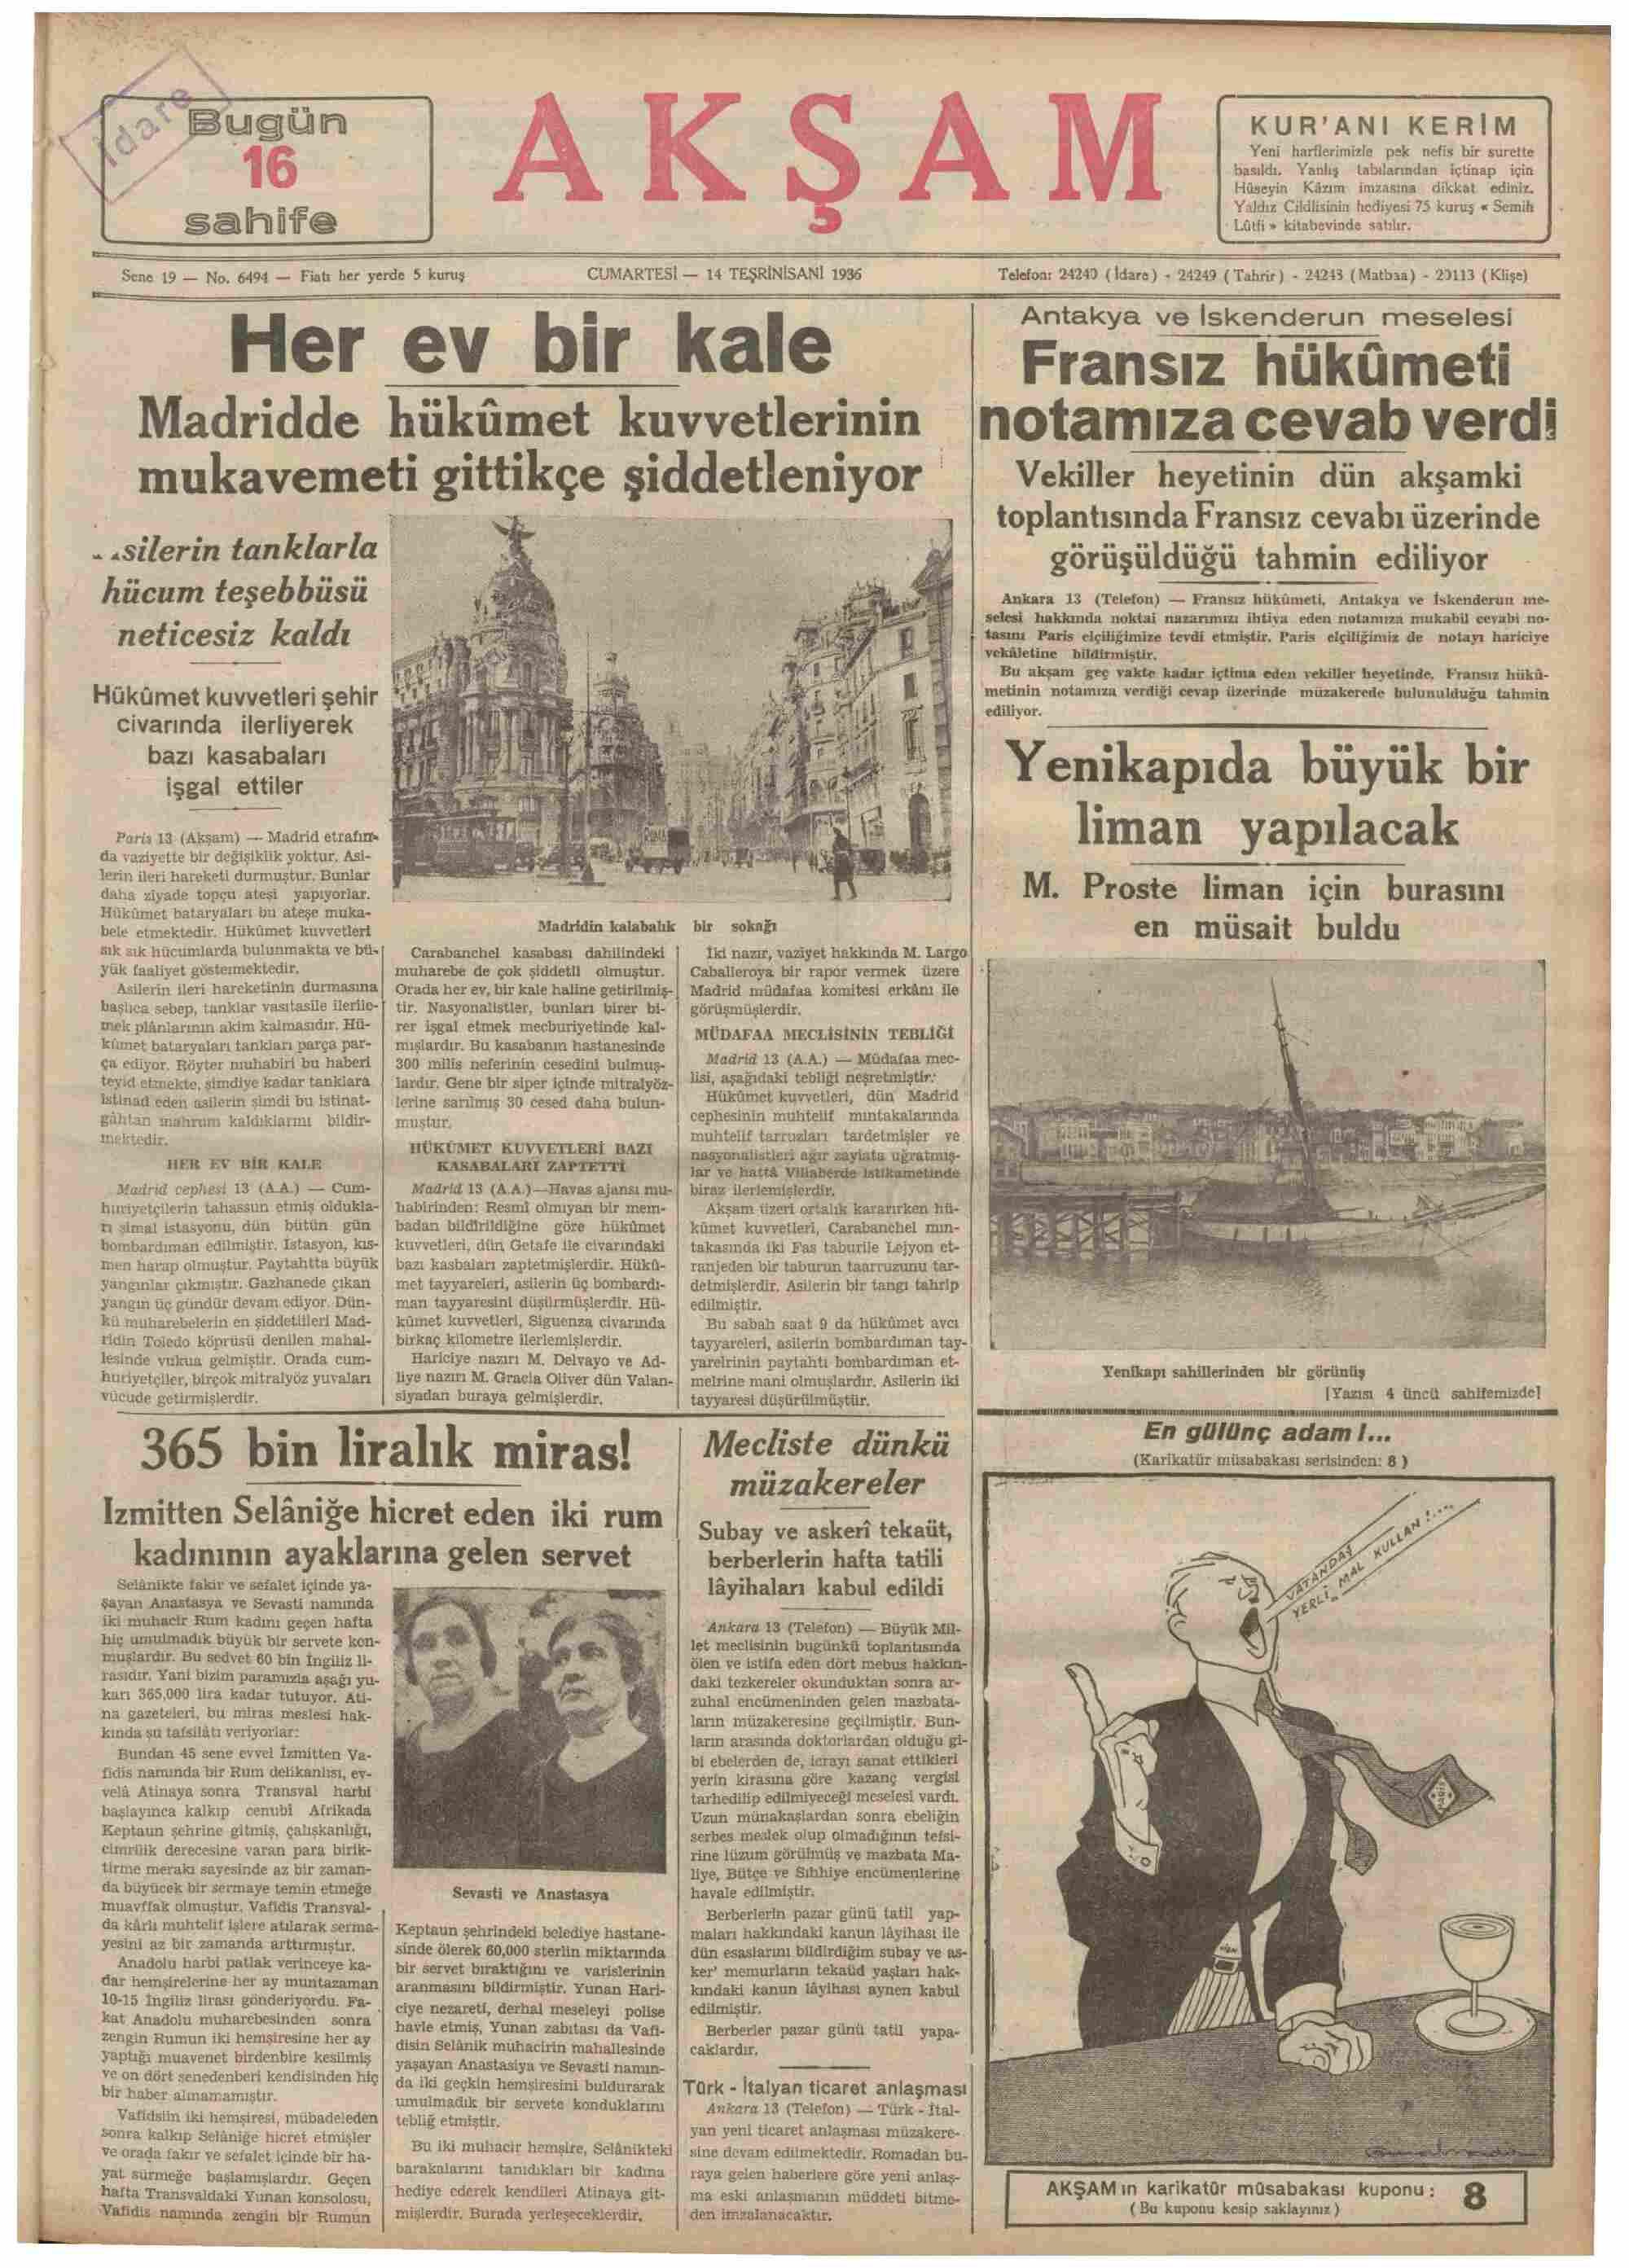 14 Kasım 1936 Tarihli Akşam Dergisi Sayfa 1